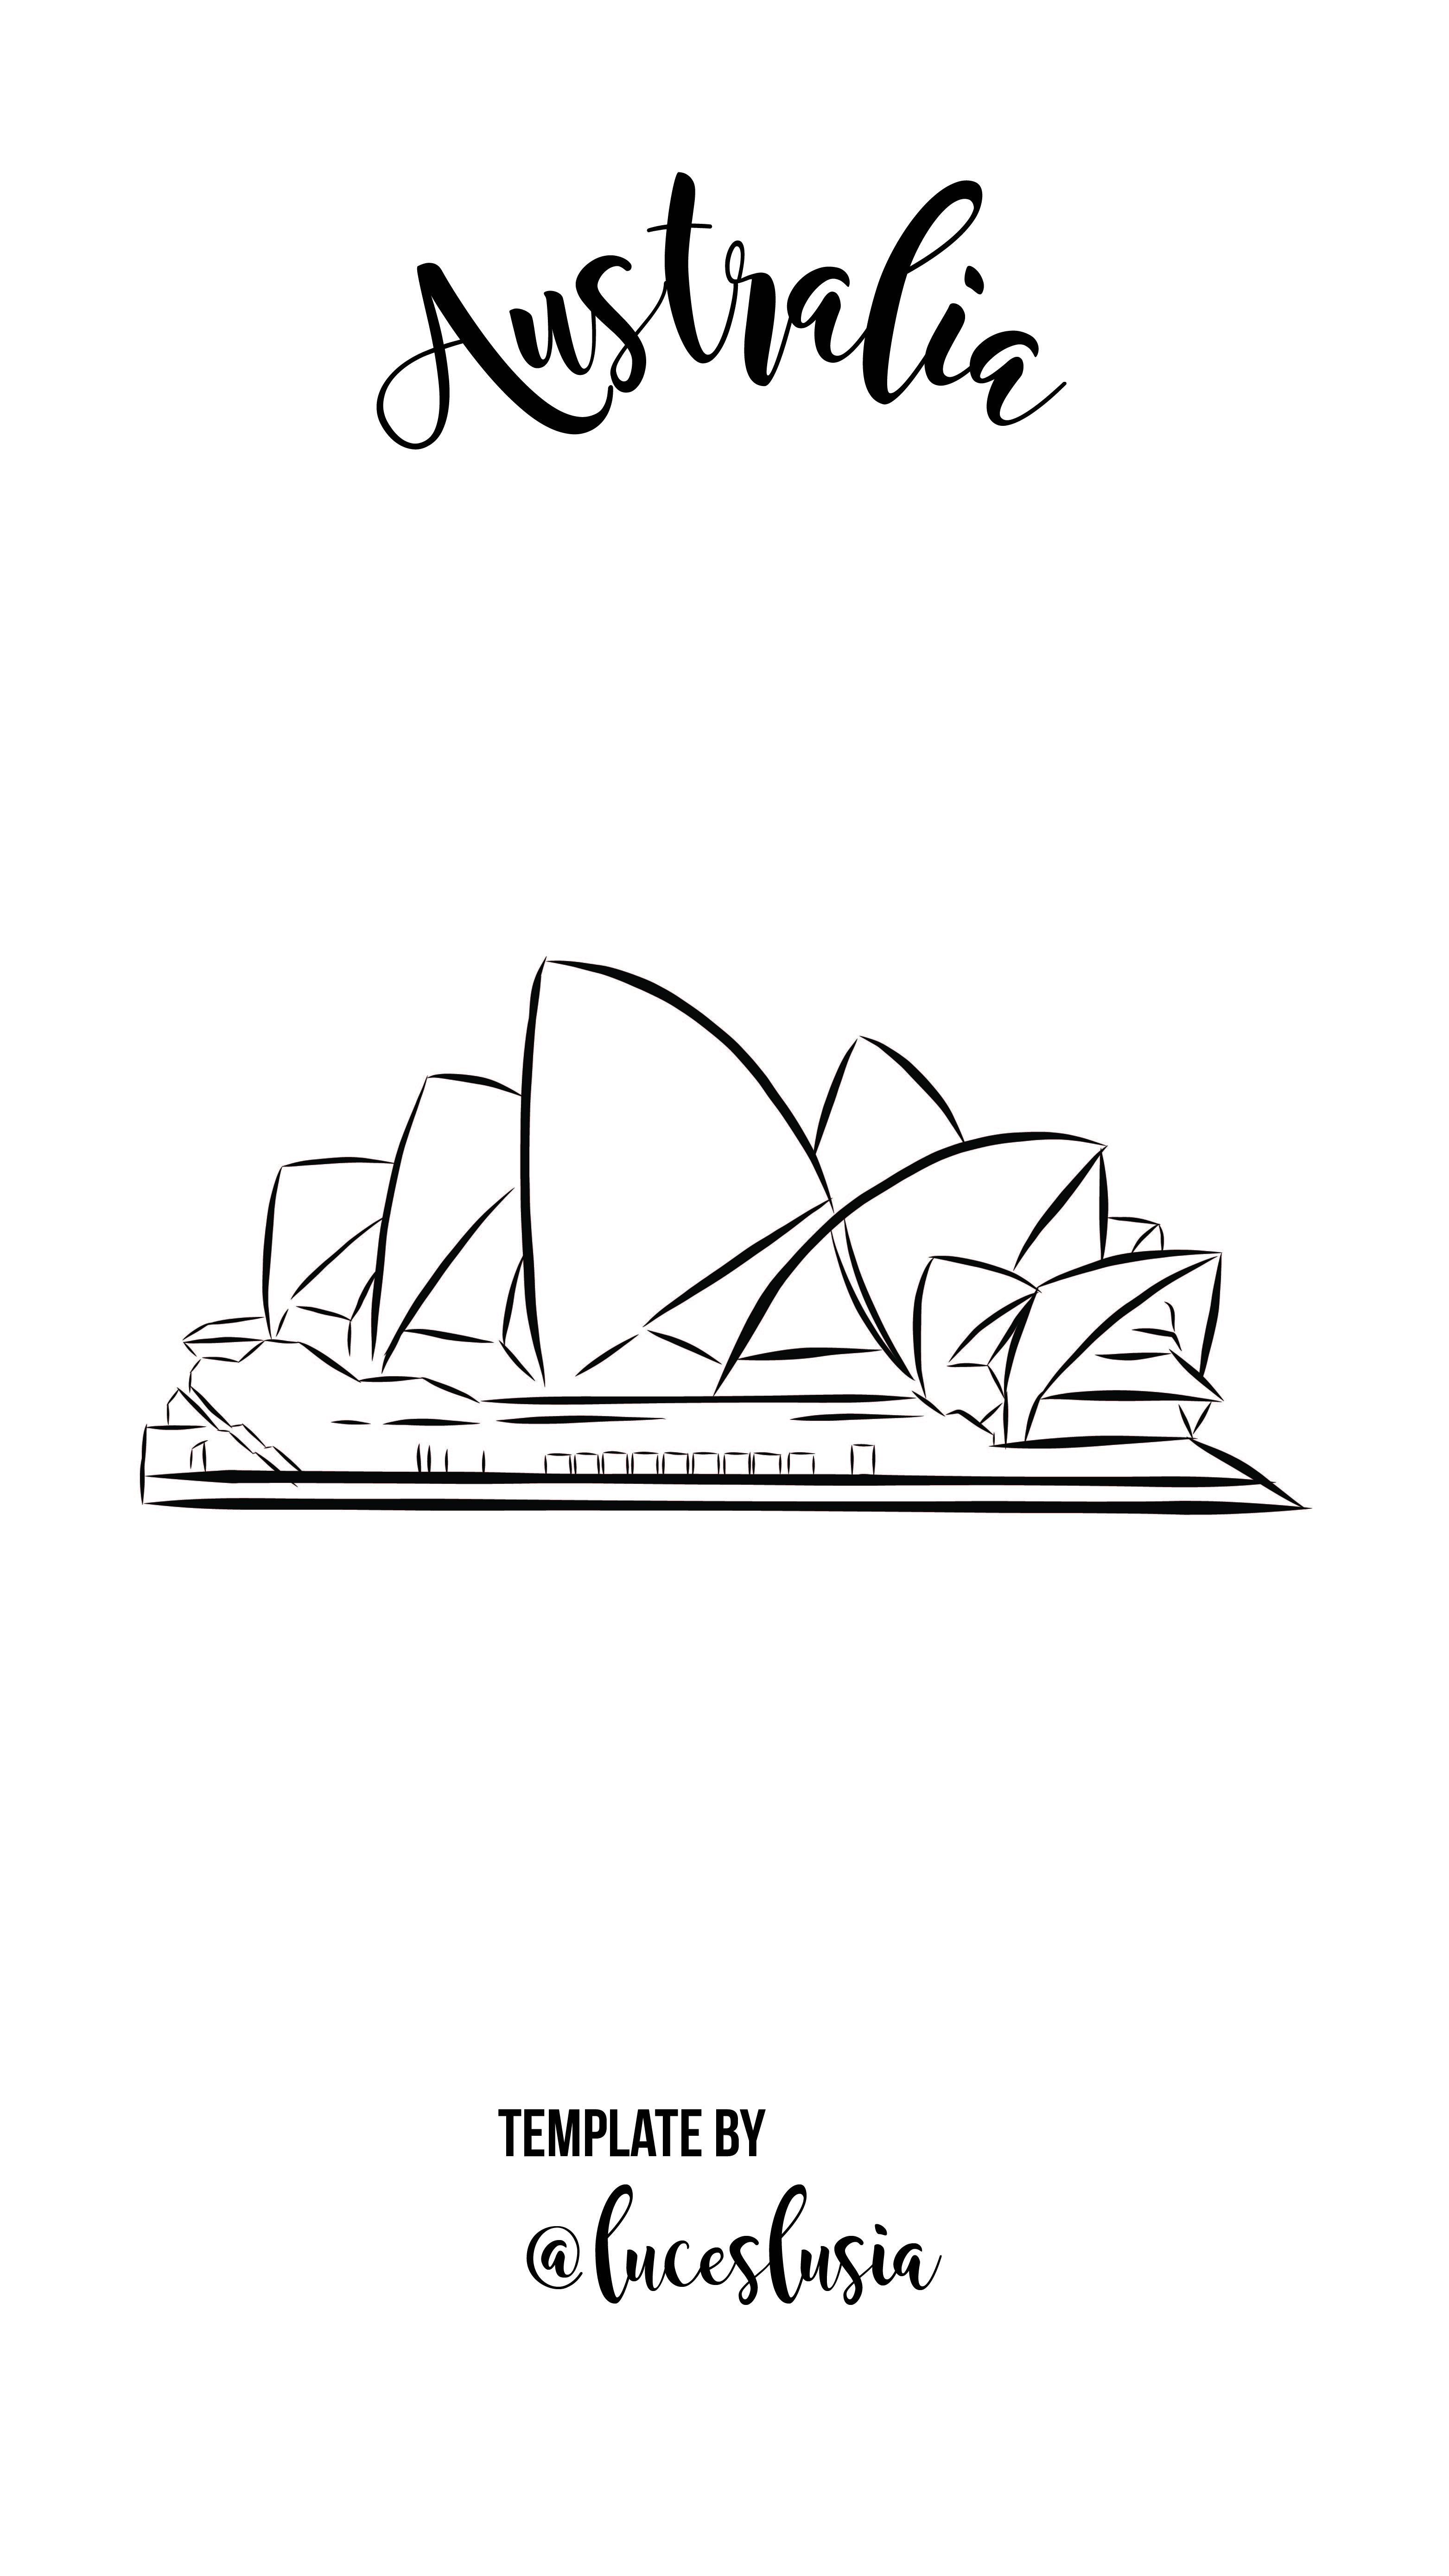 Plantilla de lo más destacado de Instagram por LucesLusía – Australia / Sydney / Opera House